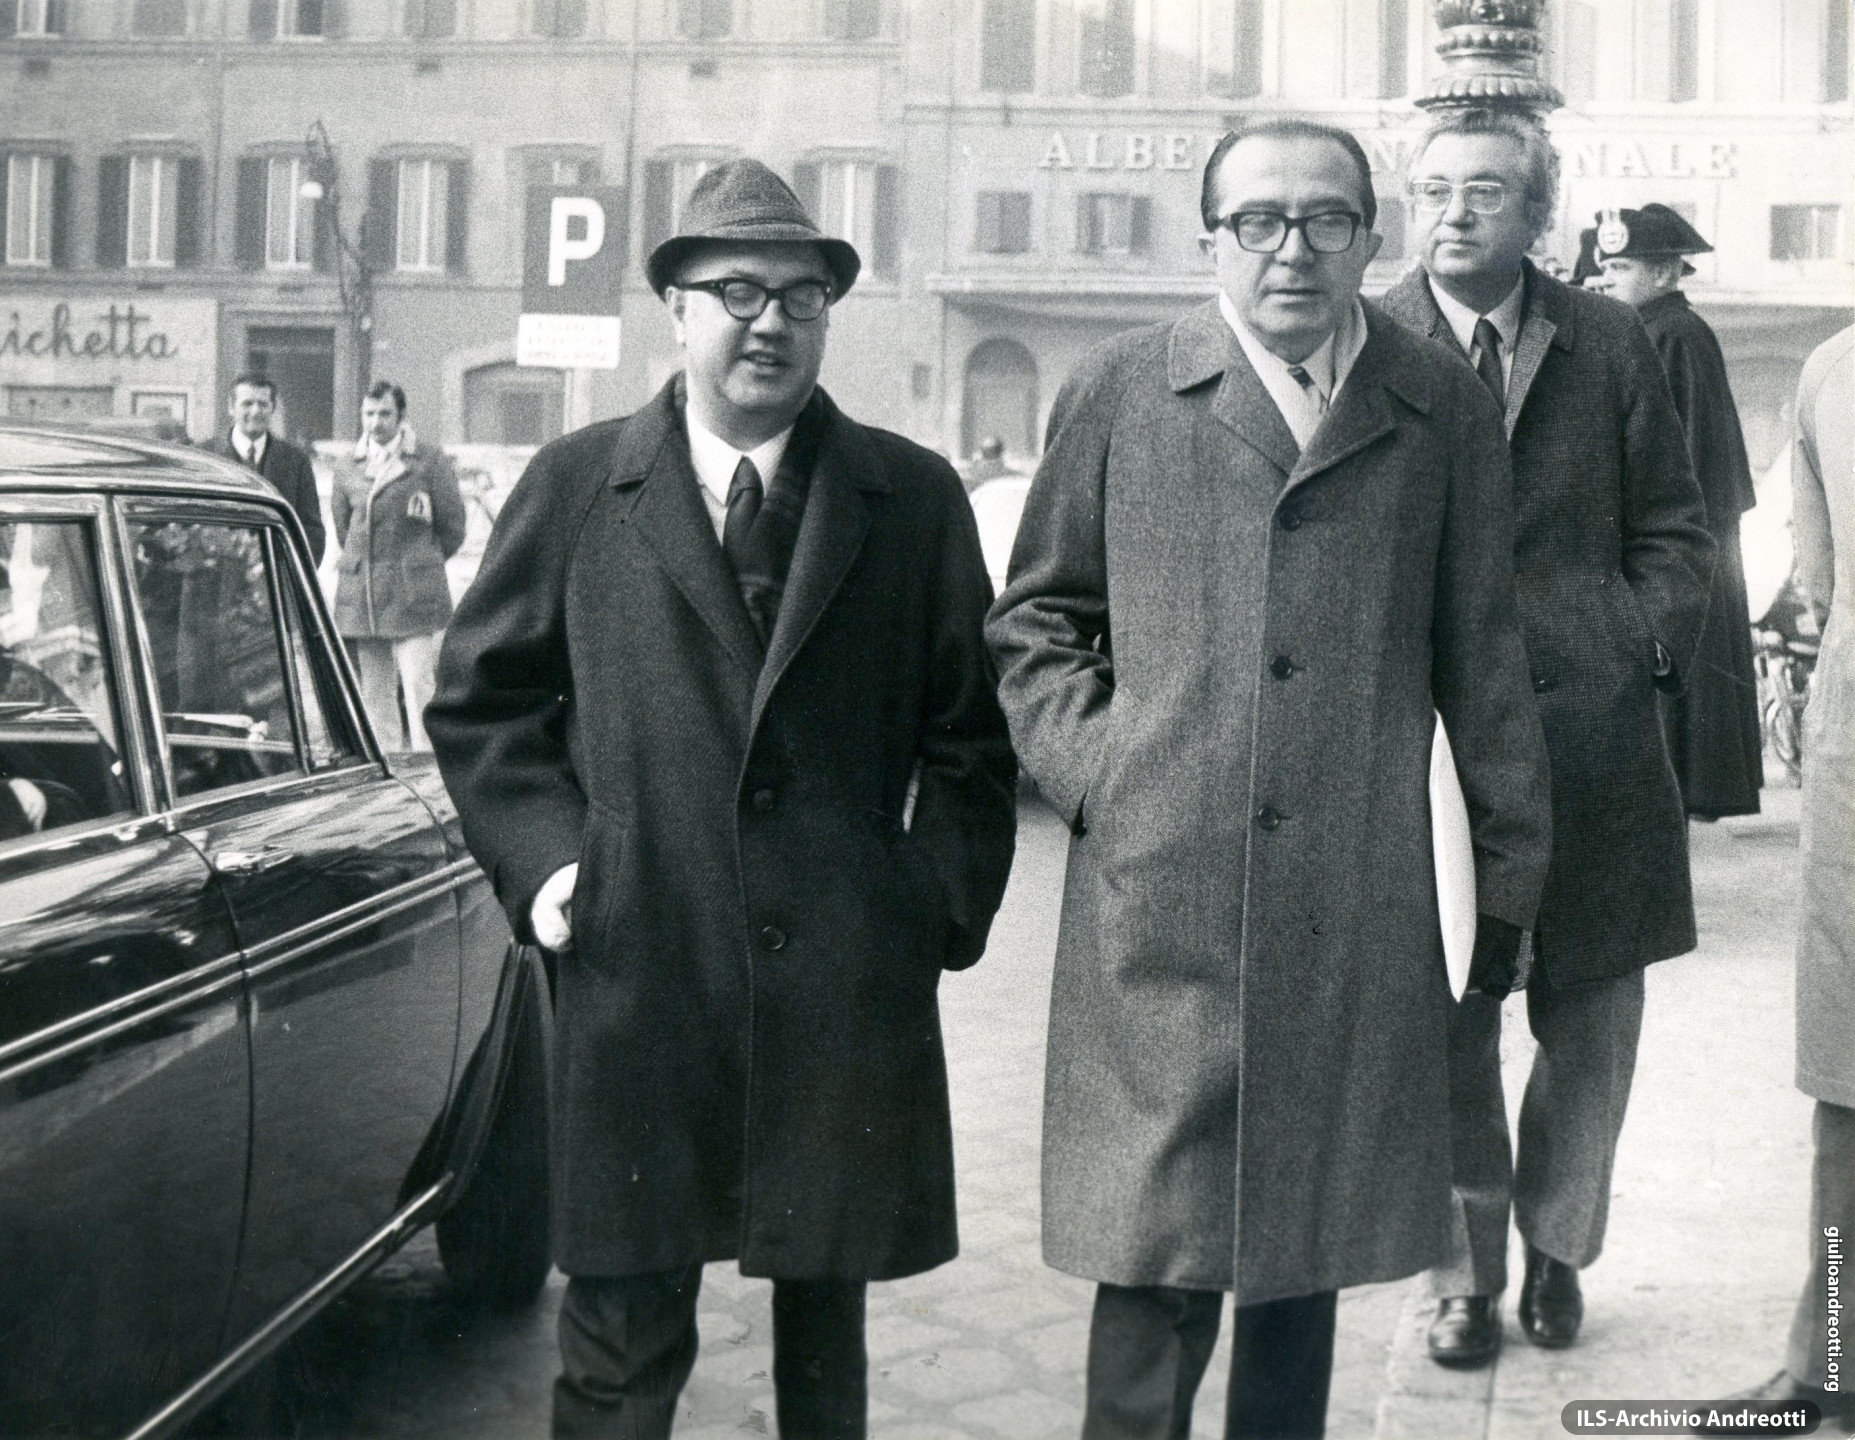 Dicembre 1971. Andreotti in piazza Montecitorio con Vittorio Bachelet. Dietro, Giorgio Ceccherini.